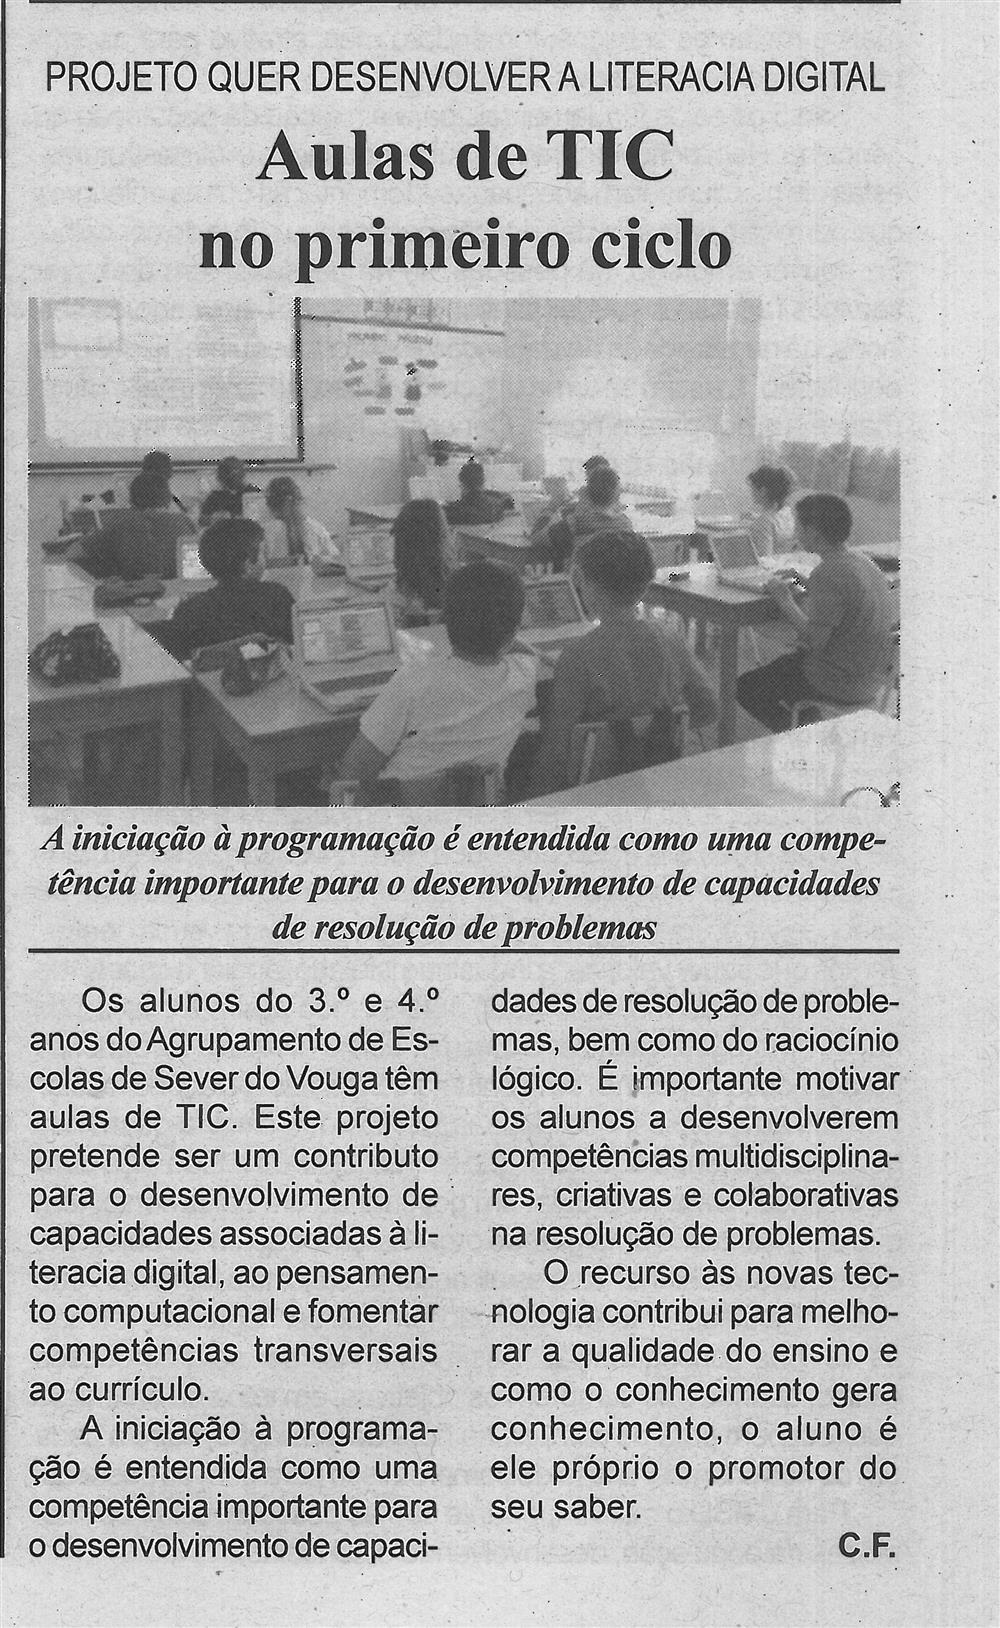 BV-2.ªjun.'19-p.5-Aulas de TIC no primeiro ciclo : projeto quer desenvolver literacia digital.jpg